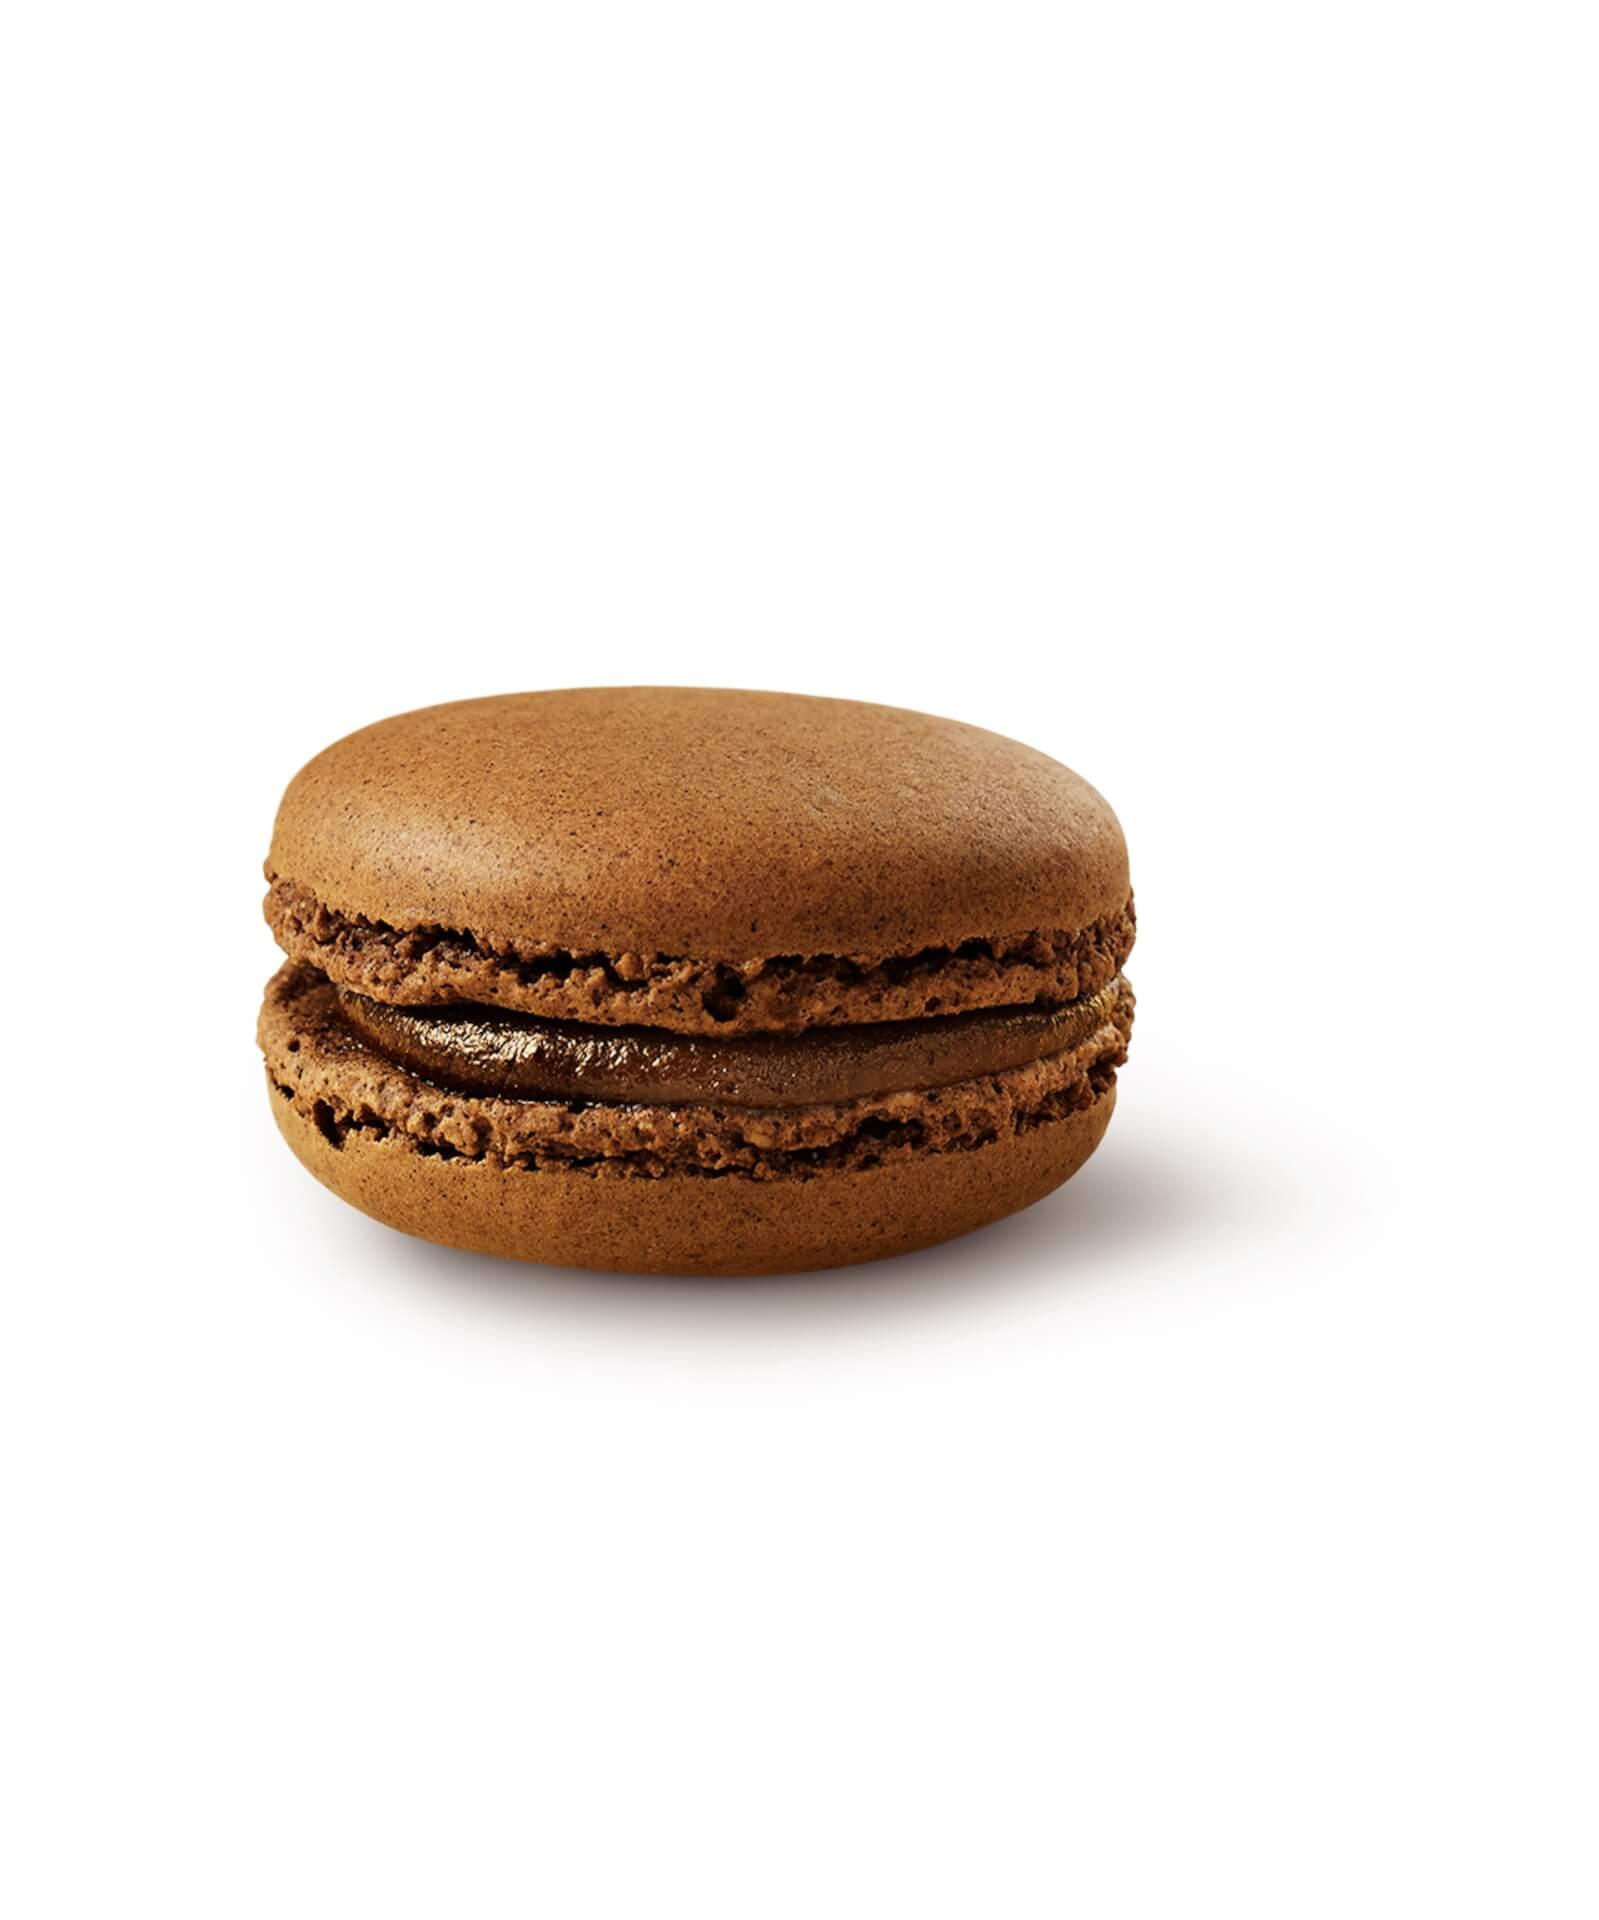 マクドナルド「マックカフェ」のマカロンシリーズに日本オリジナルの新作「グリーンティー」登場! gourmet210413_mcdonald_macaroons_4